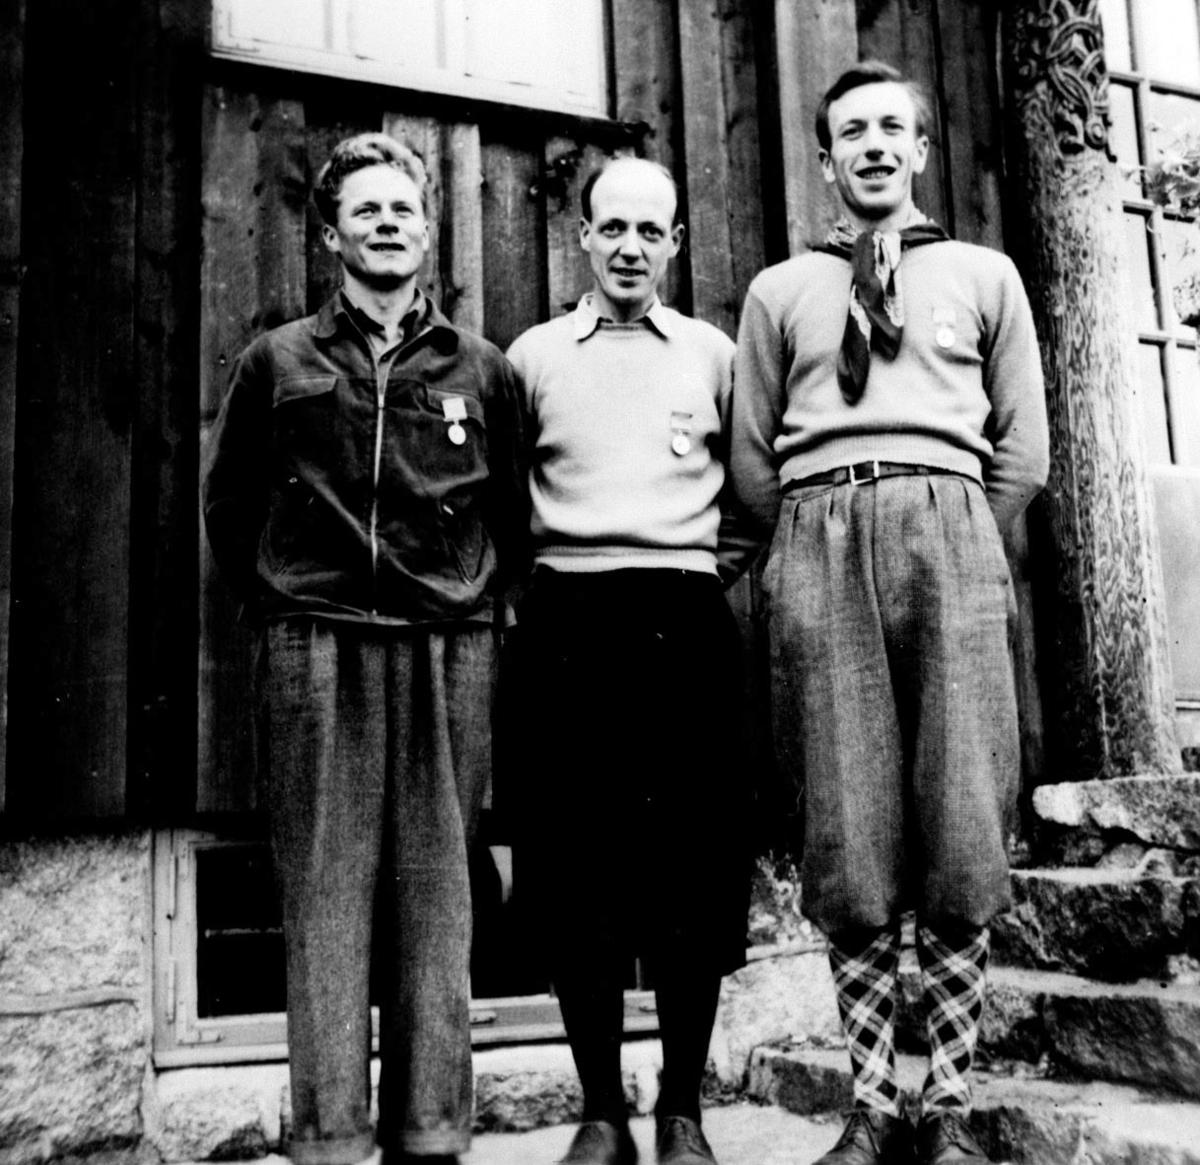 Kretsmestere i stafett 1953, med medaljen på brystet. De 3 kretsmesterne er Ivar Gulbrandsen, Erik Lerdal, Leif Hoel.